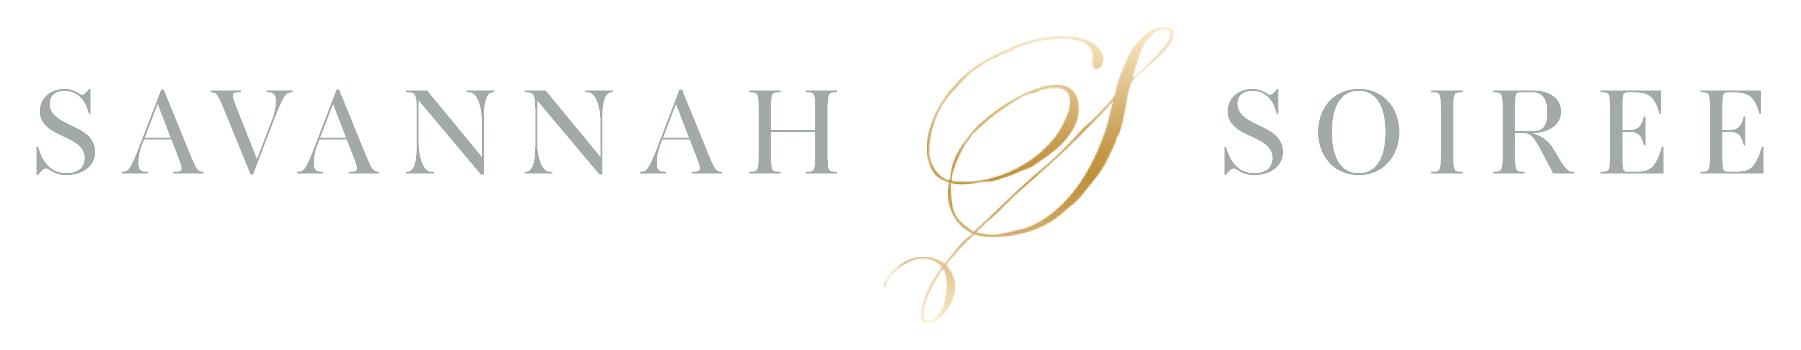 Savannah Soiree Main Logo - FINAL.jpg